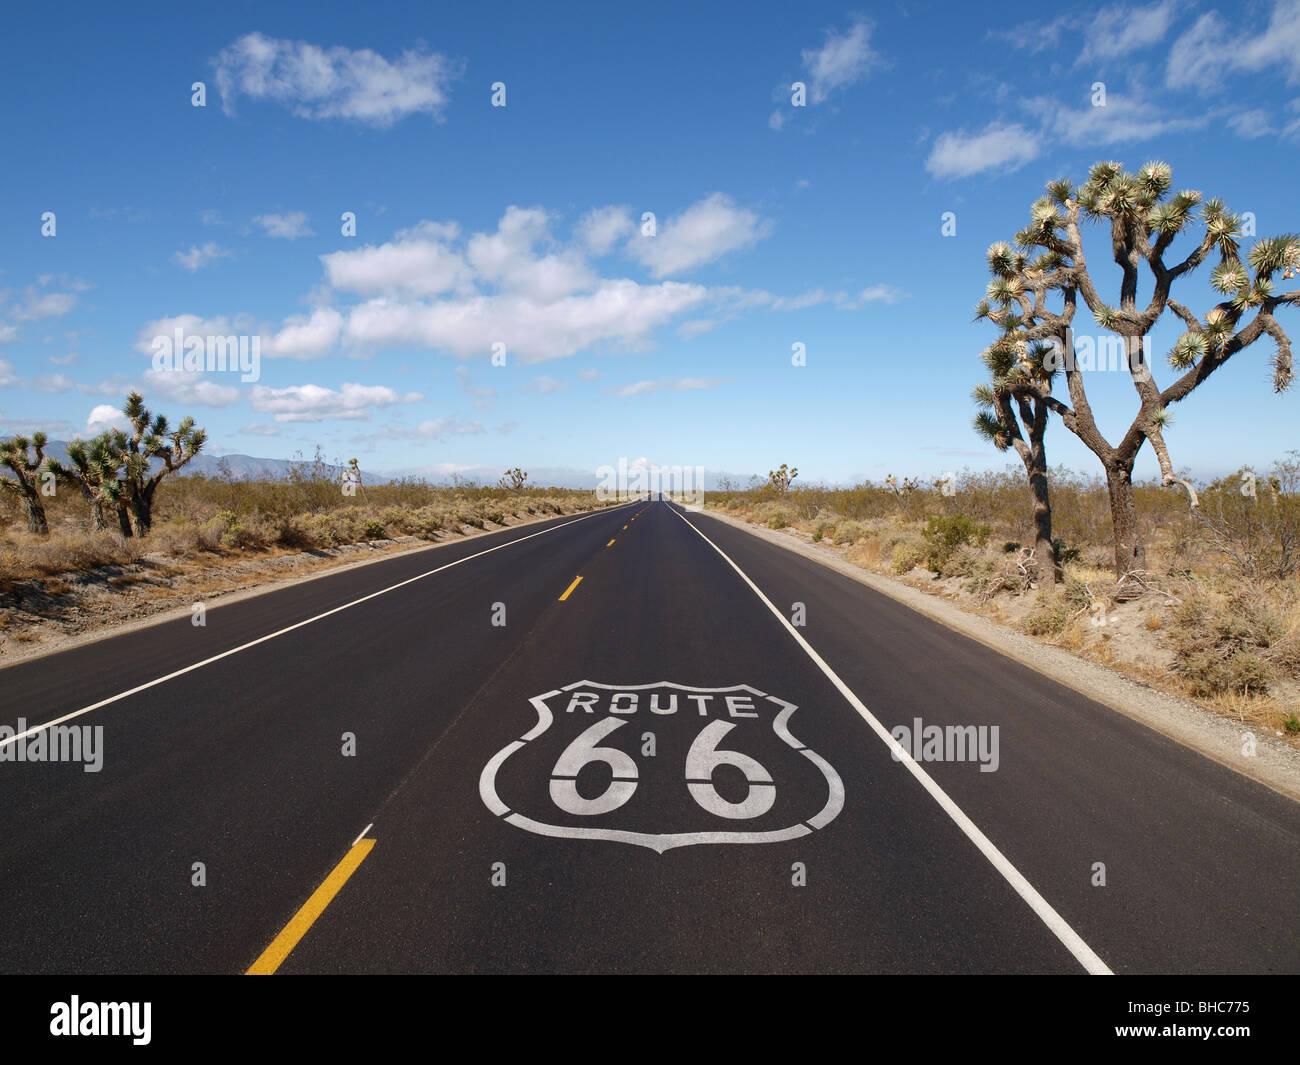 Signe de la chaussée de la route 66 avec Joshua d'arbres dans le sud de la Californie. Photo Stock